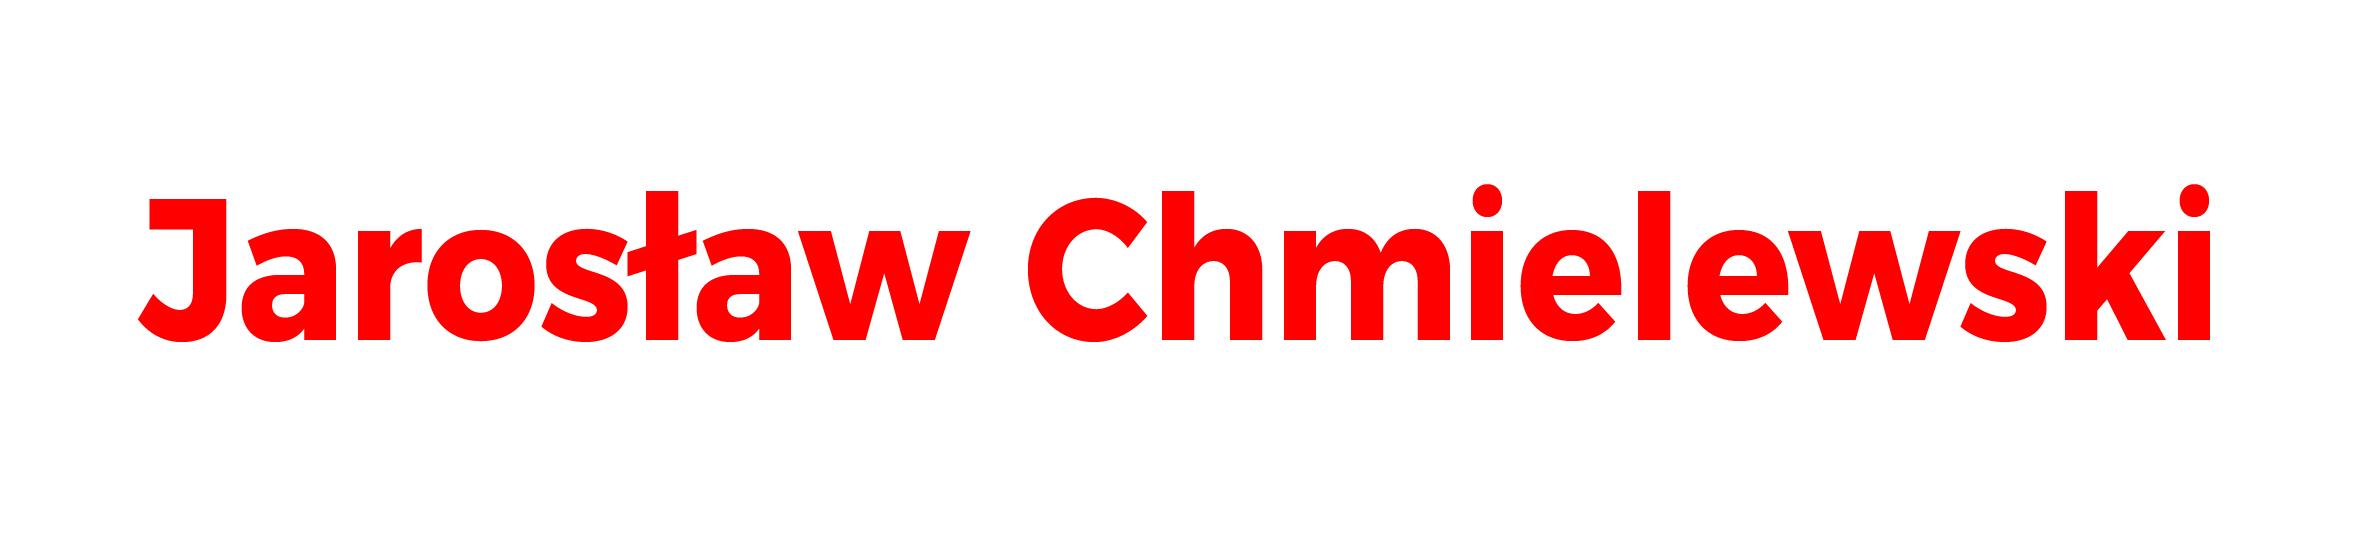 Chmielewski 100